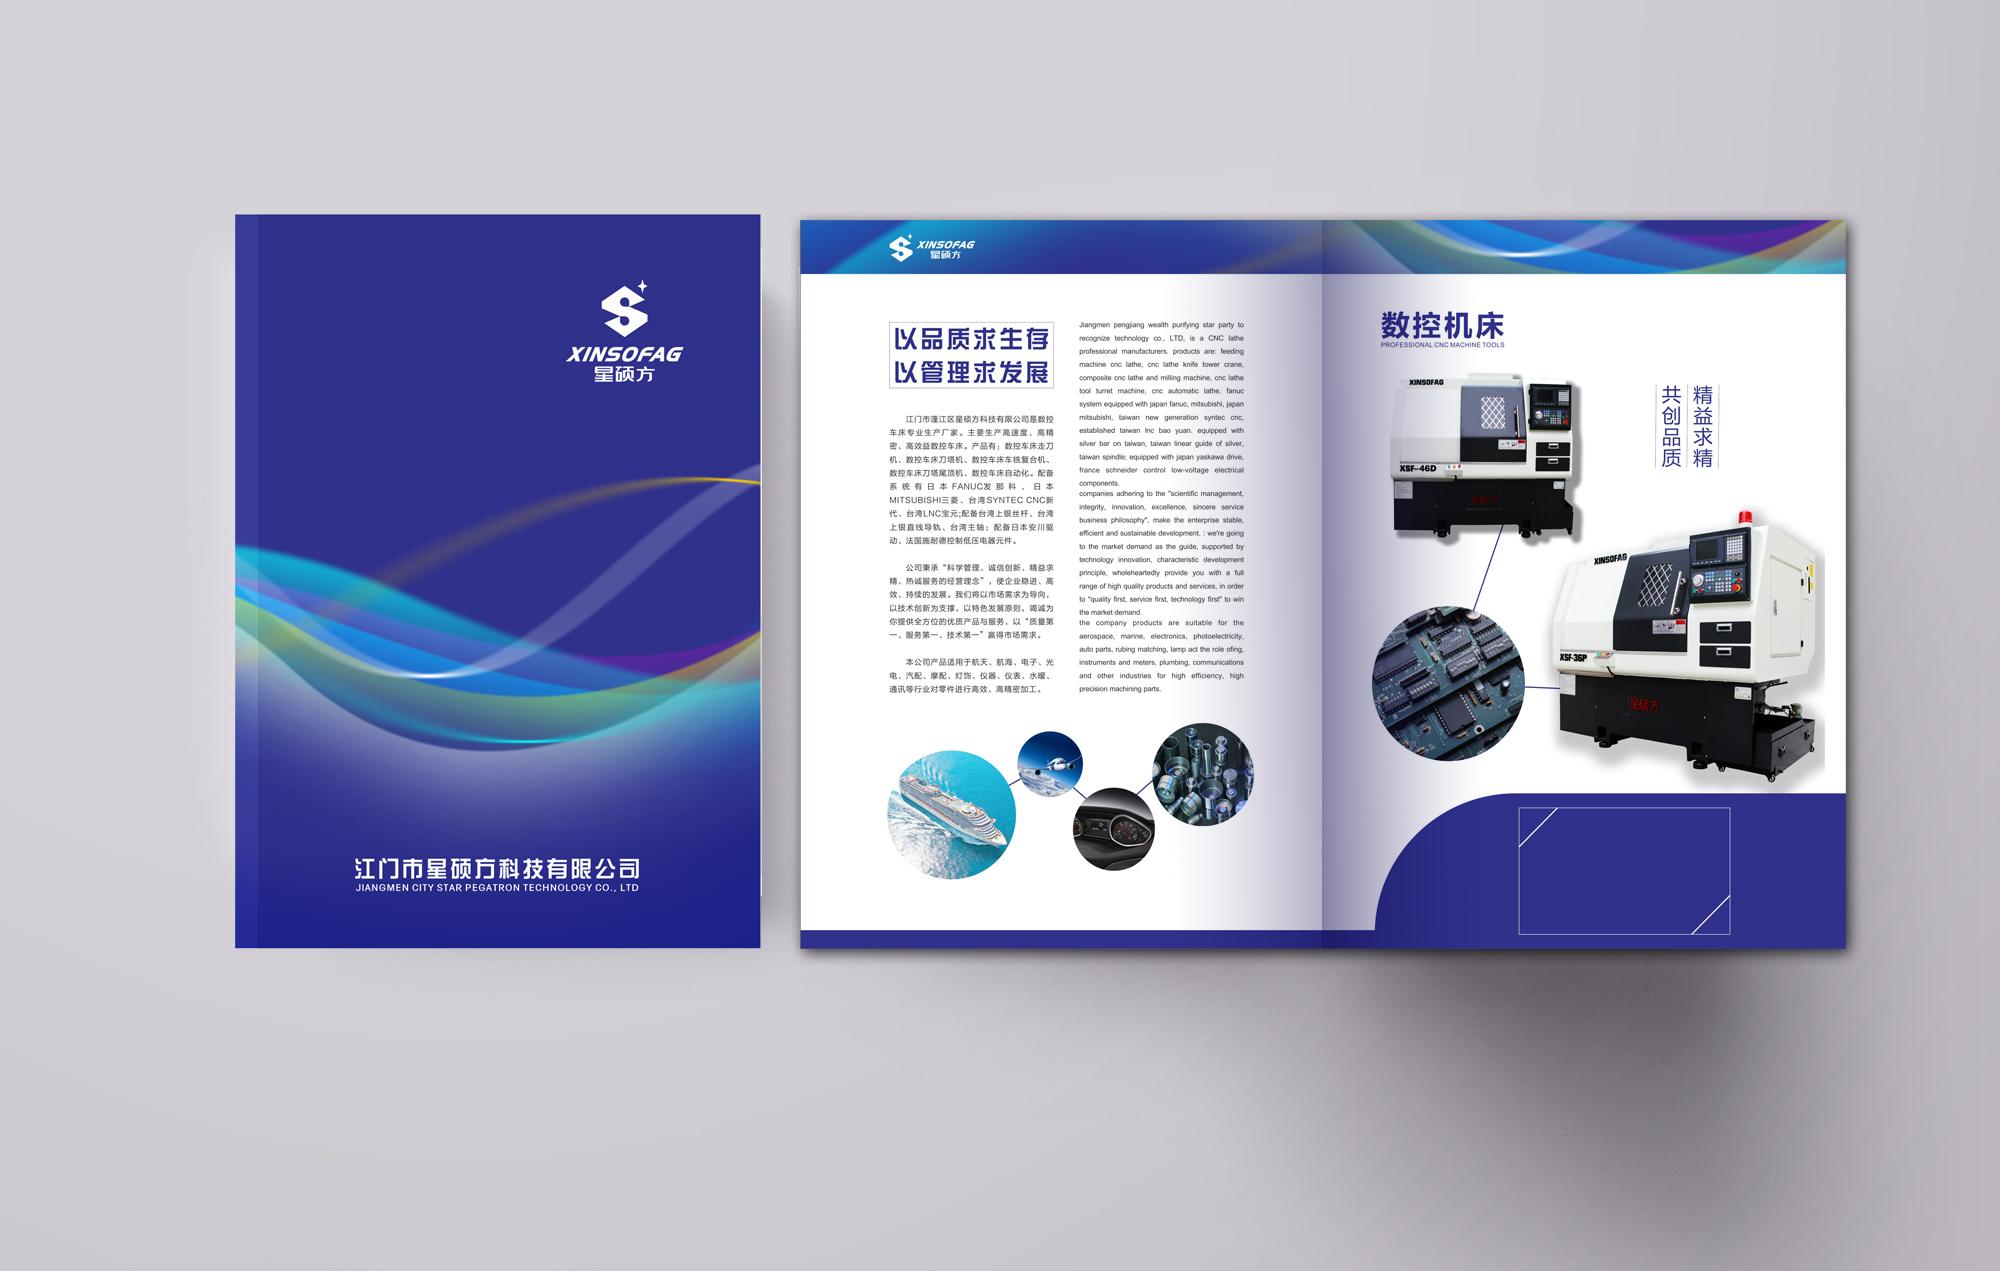 星硕方logo亚博app下载官网链接